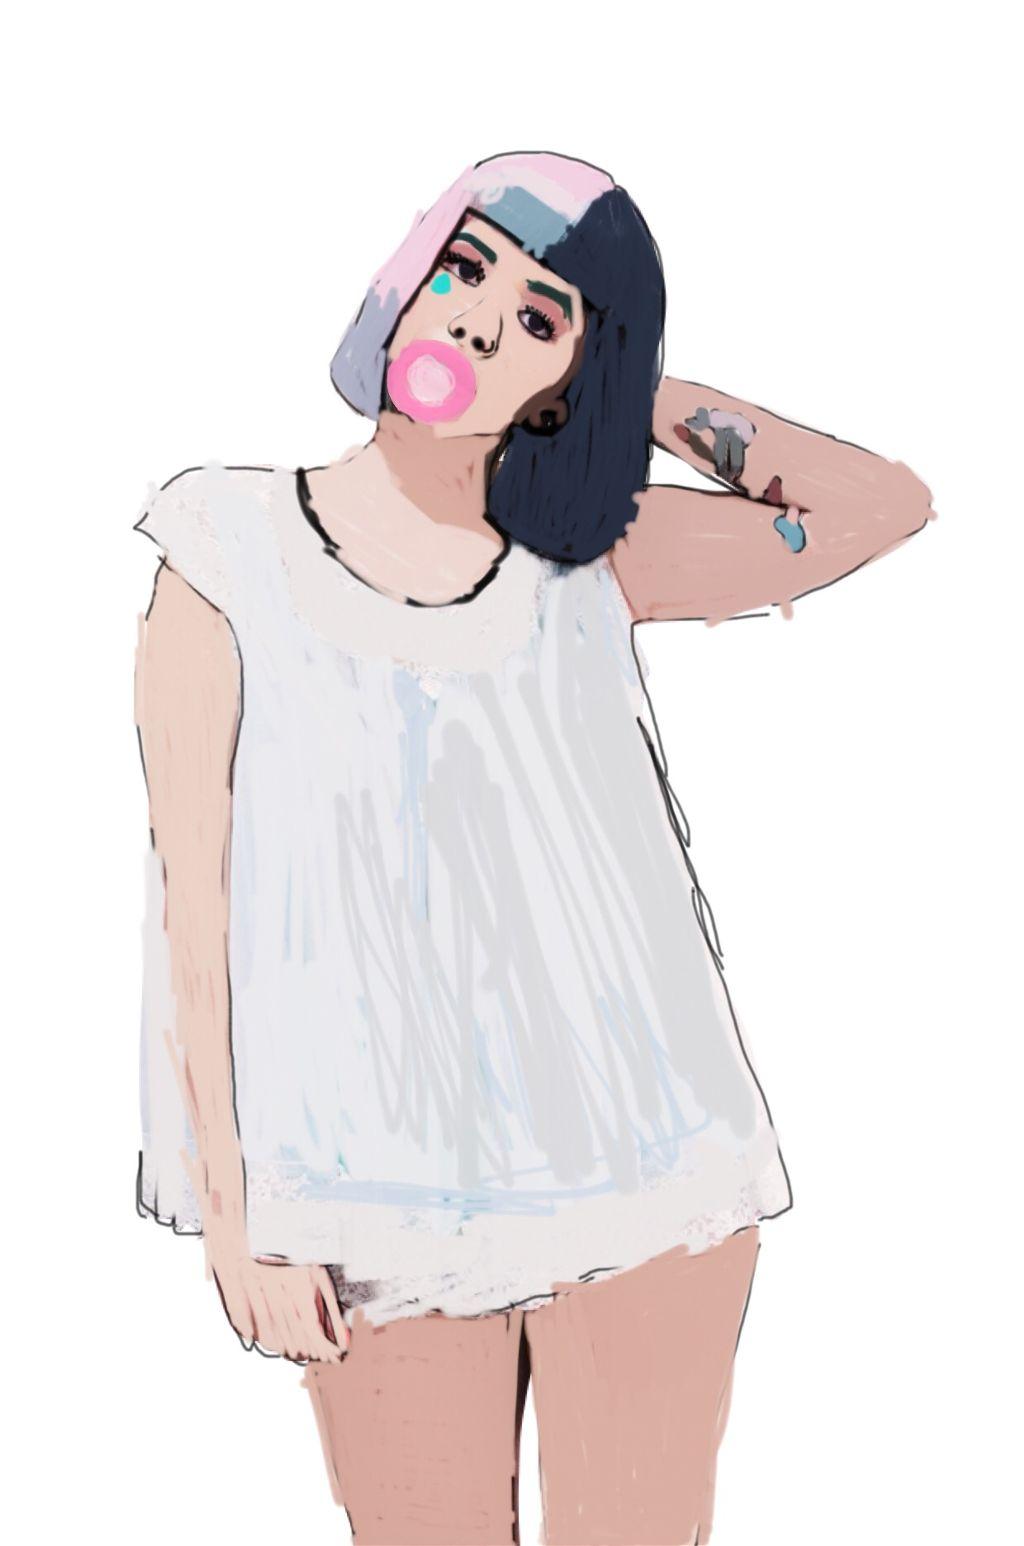 #melaniemartinez #cartoon #crybaby #bubblegum